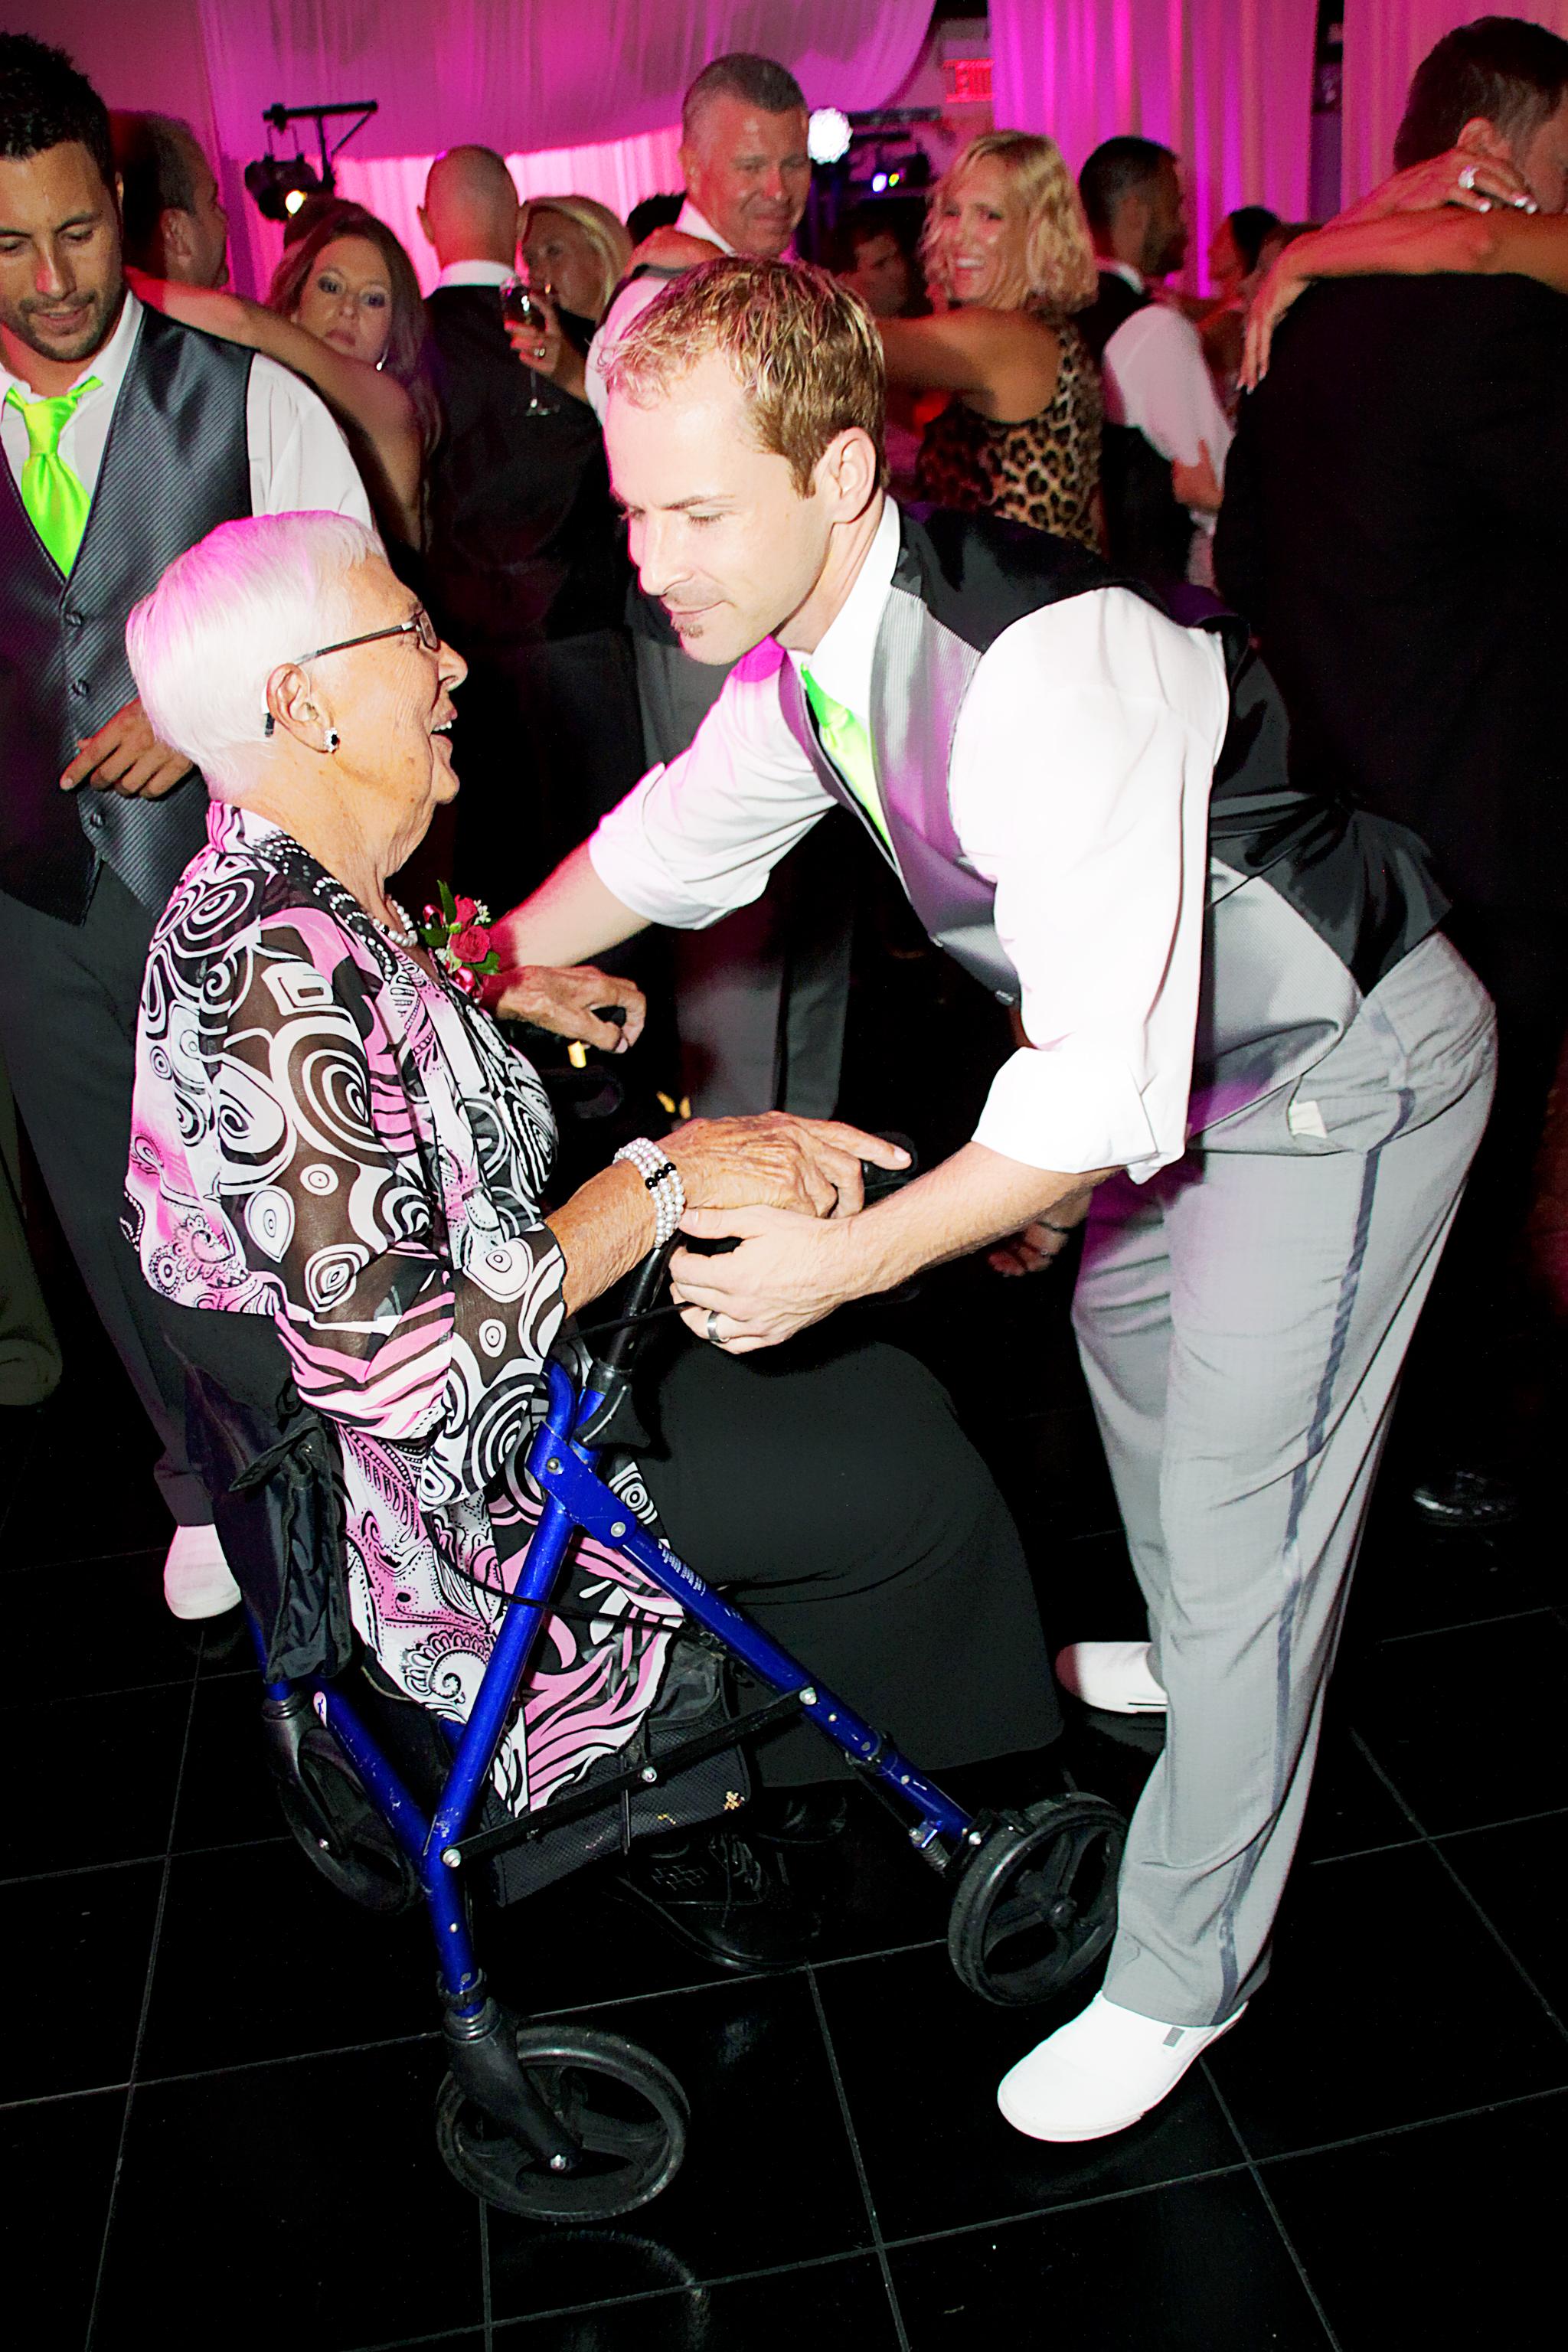 Scott and grandma dancing